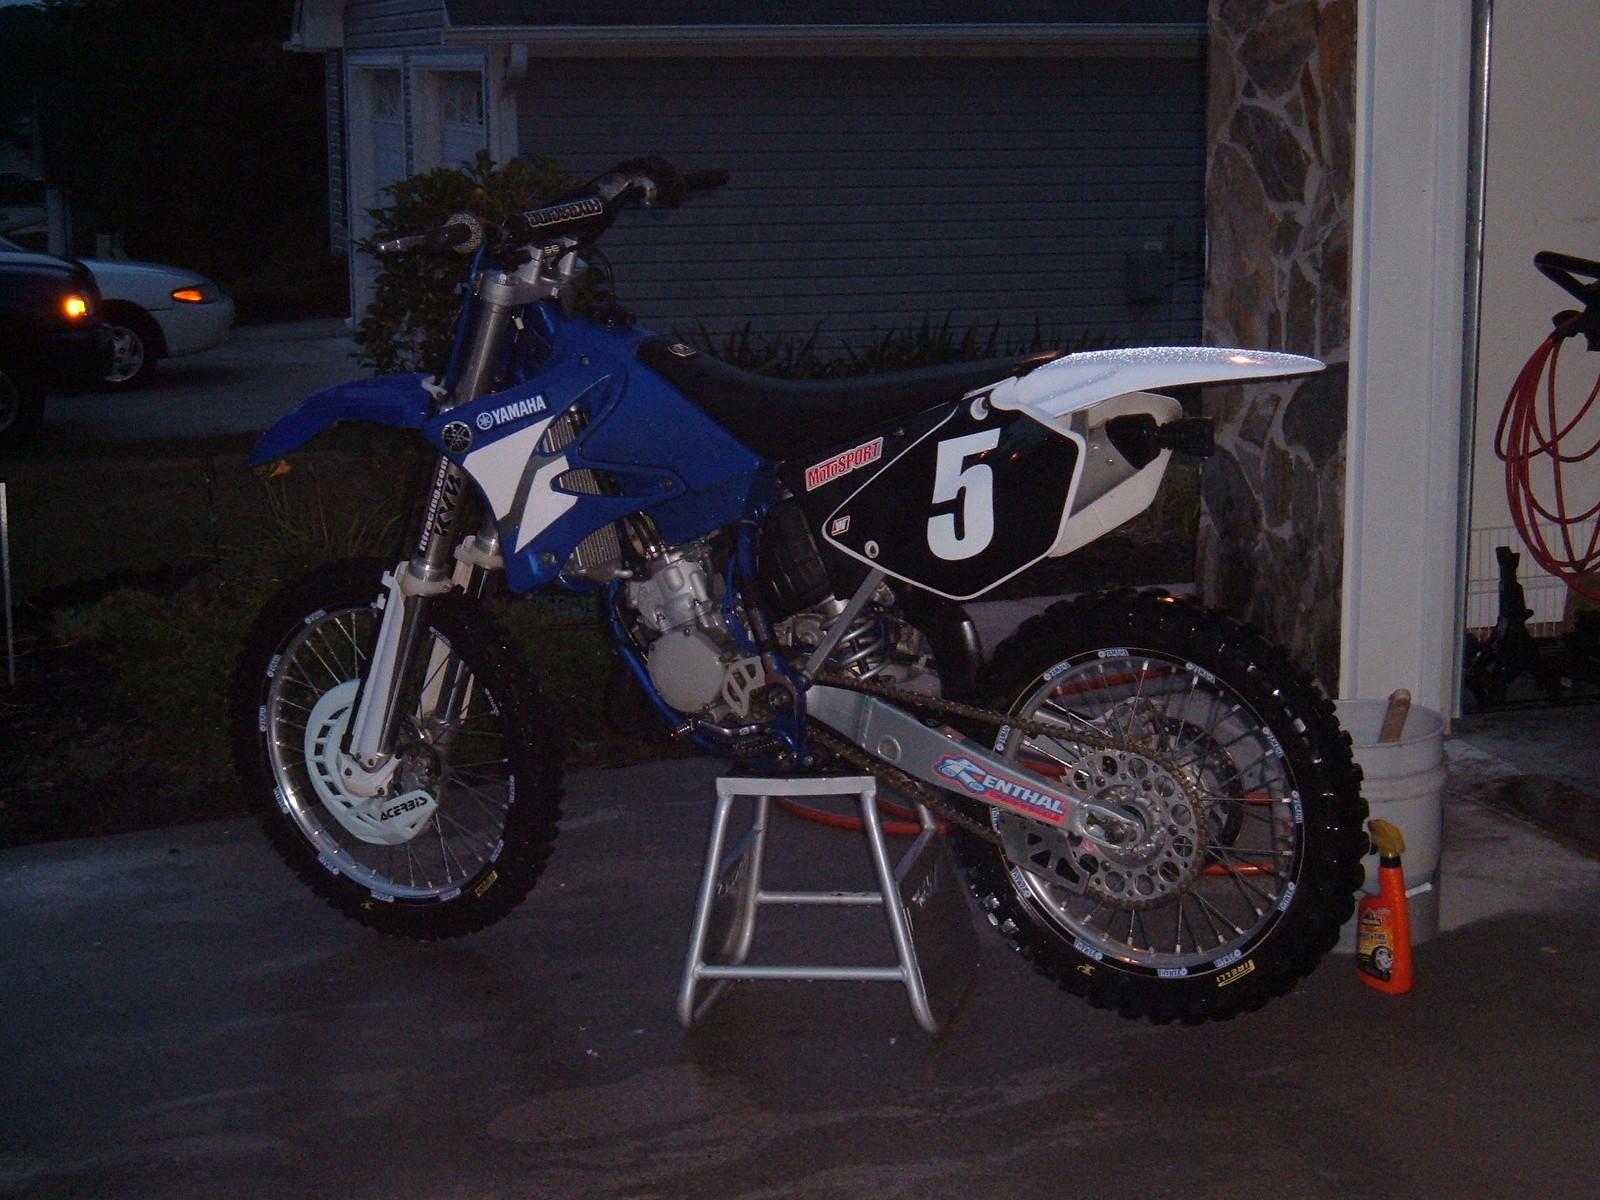 new new 012 - antonio.dobson - Motocross Pictures - Vital MX